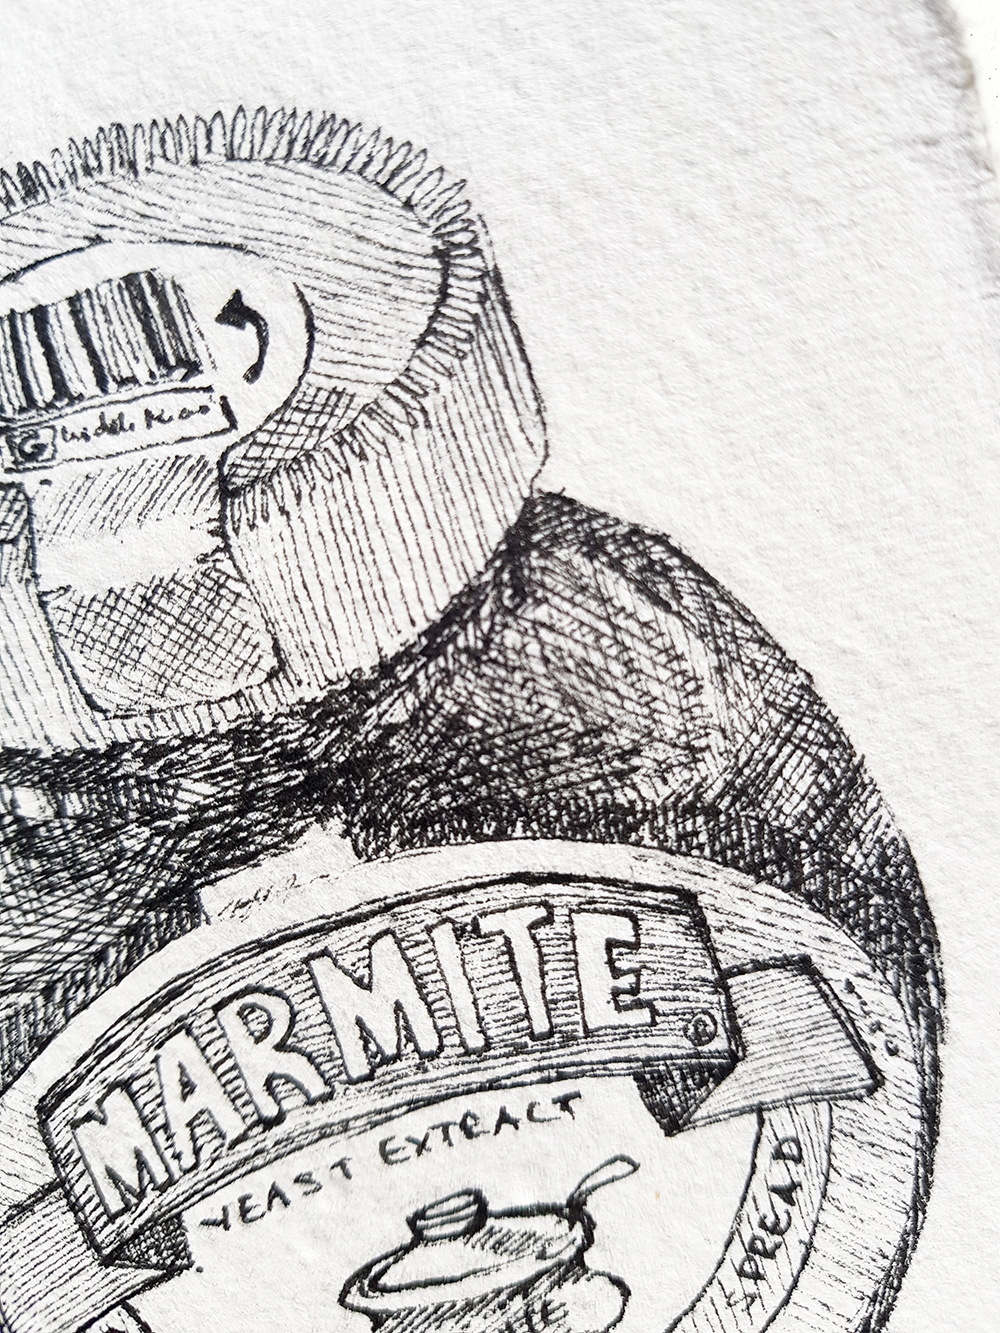 Ink & Nib Still life exploring mark making